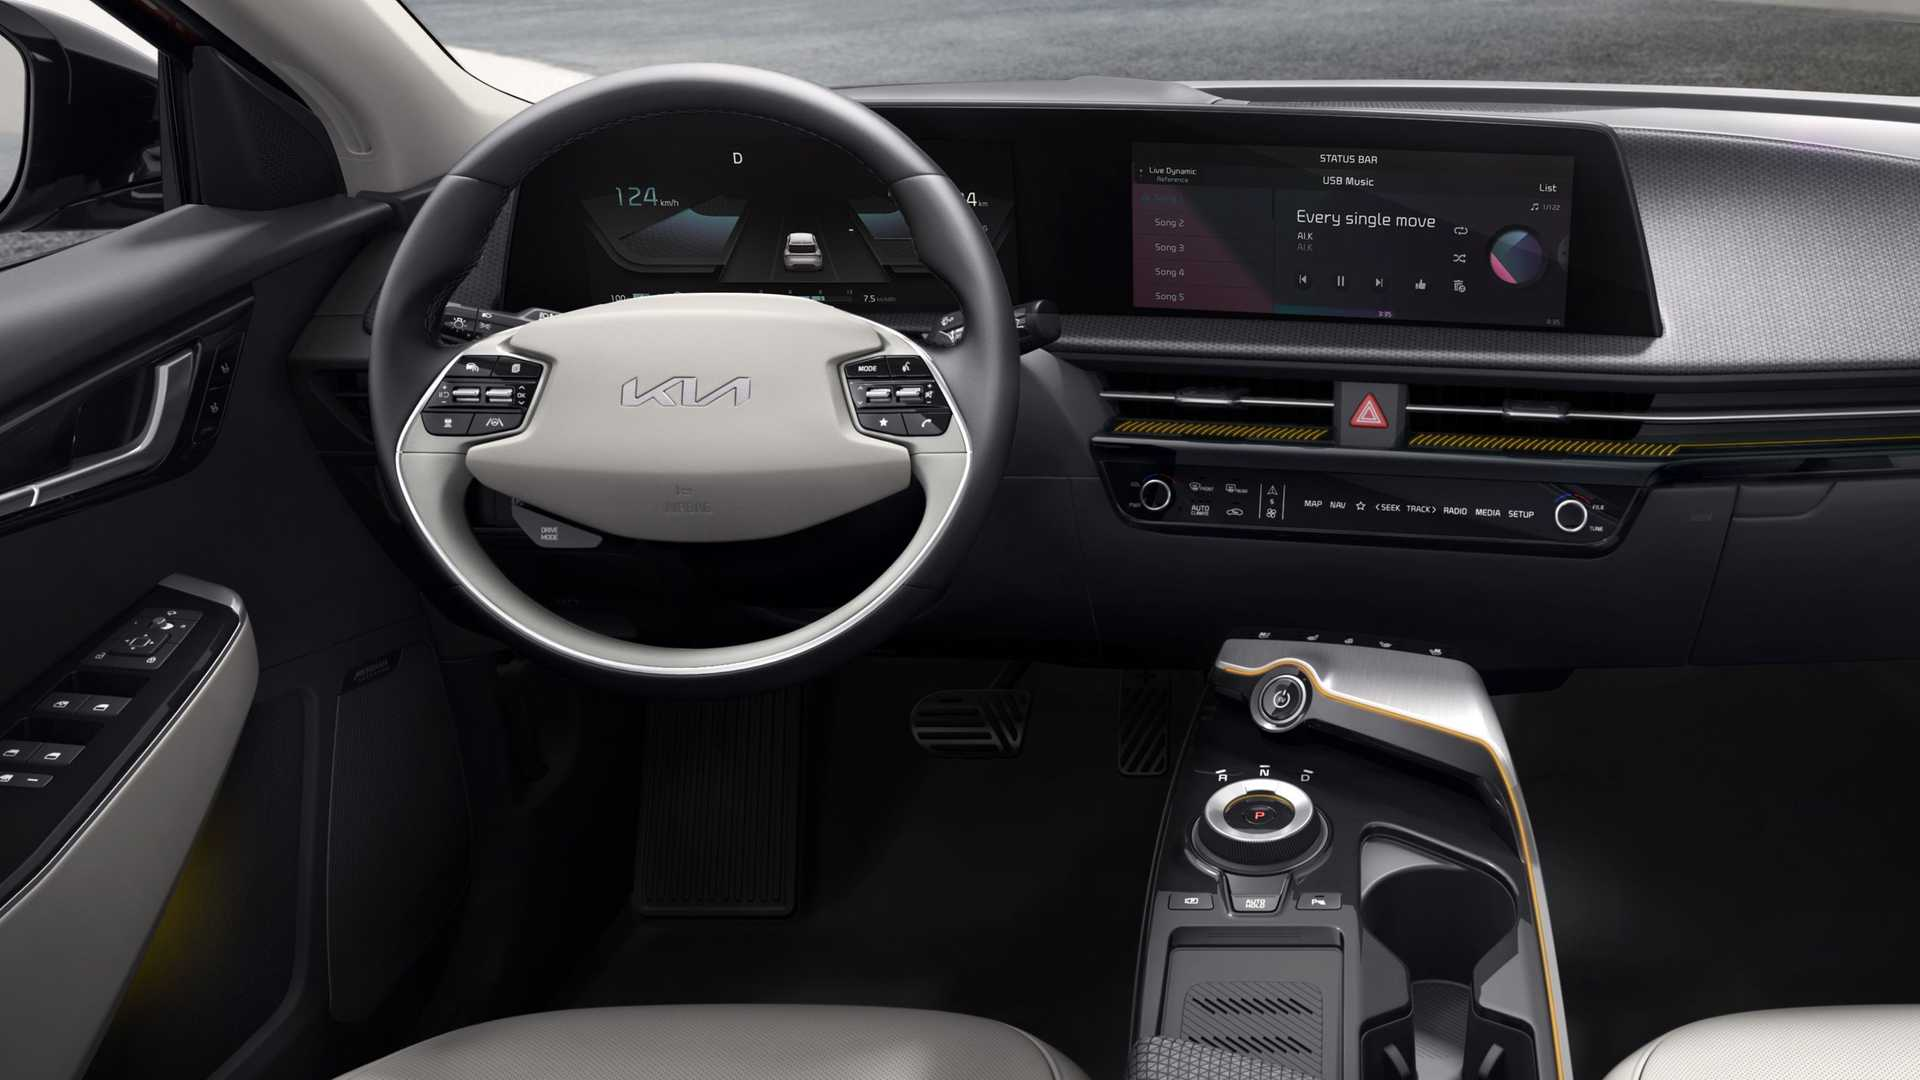 kia ev6 7 https://huglero.com/kia-ev6-elektrikli-otomobil-tanitildi-iste-ozellikleri/ Kia EV6 elektrikli otomobil tanıtıldı. Araç, Kia markasının ilk 'tamamen' elektrikli arabası.